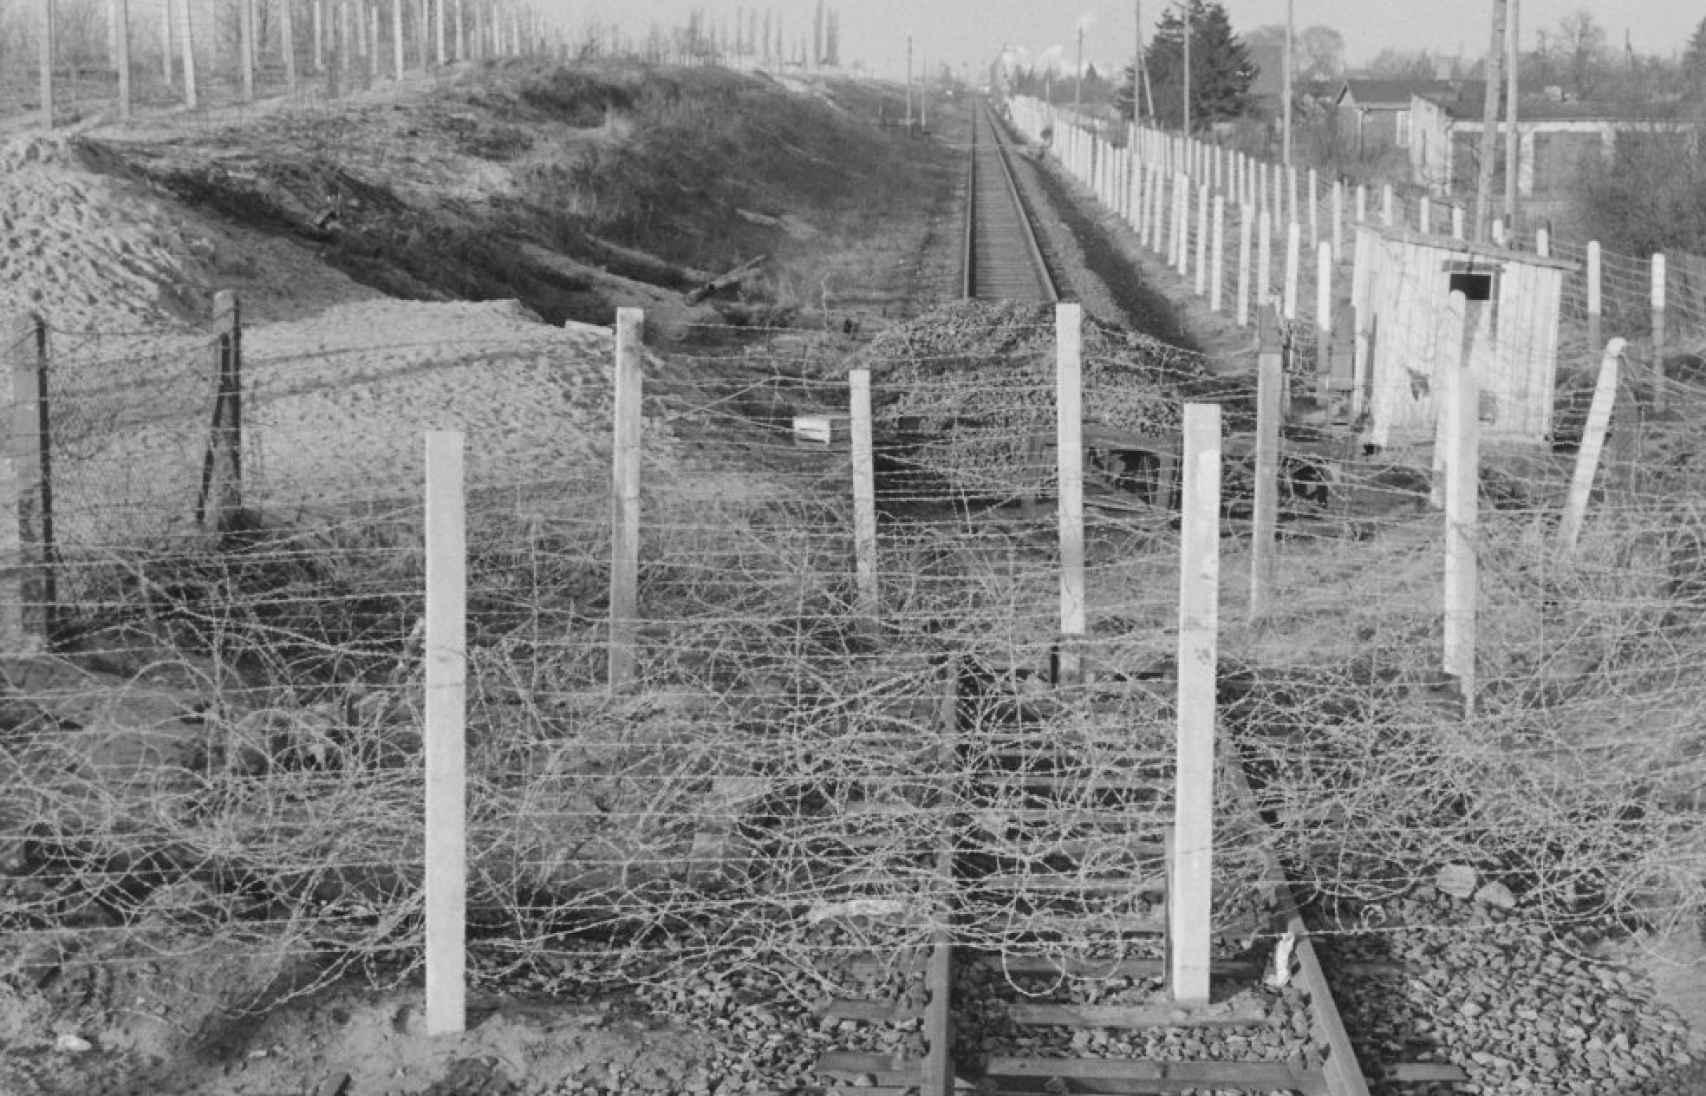 El estado de las vías después de la heroica huida de Harry Deterling y su familia.